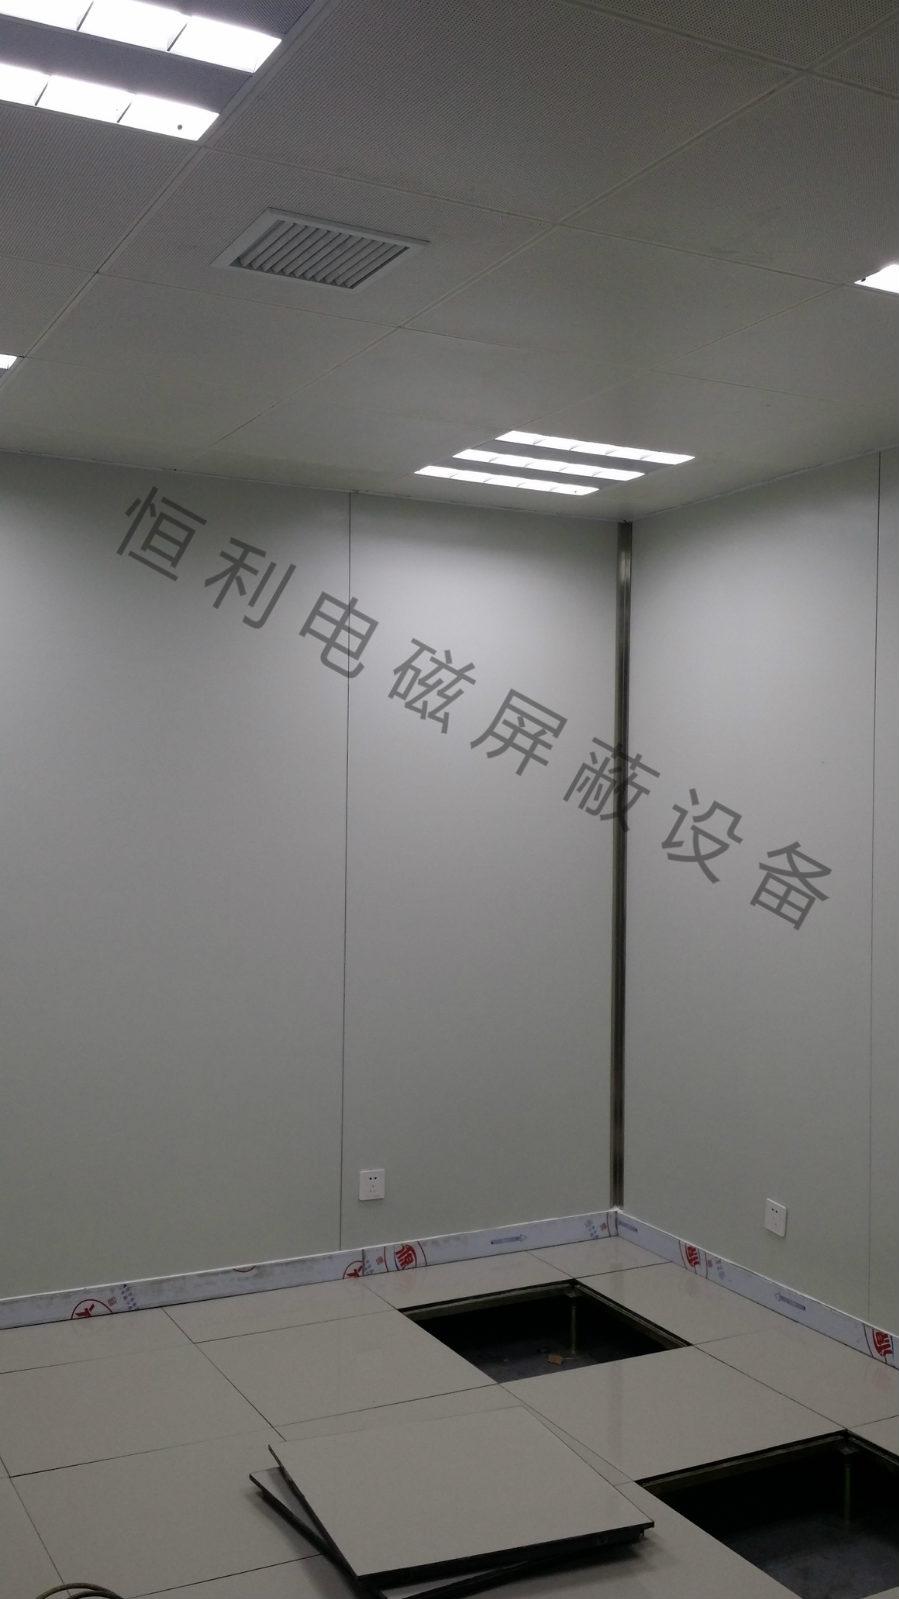 屏蔽室施工